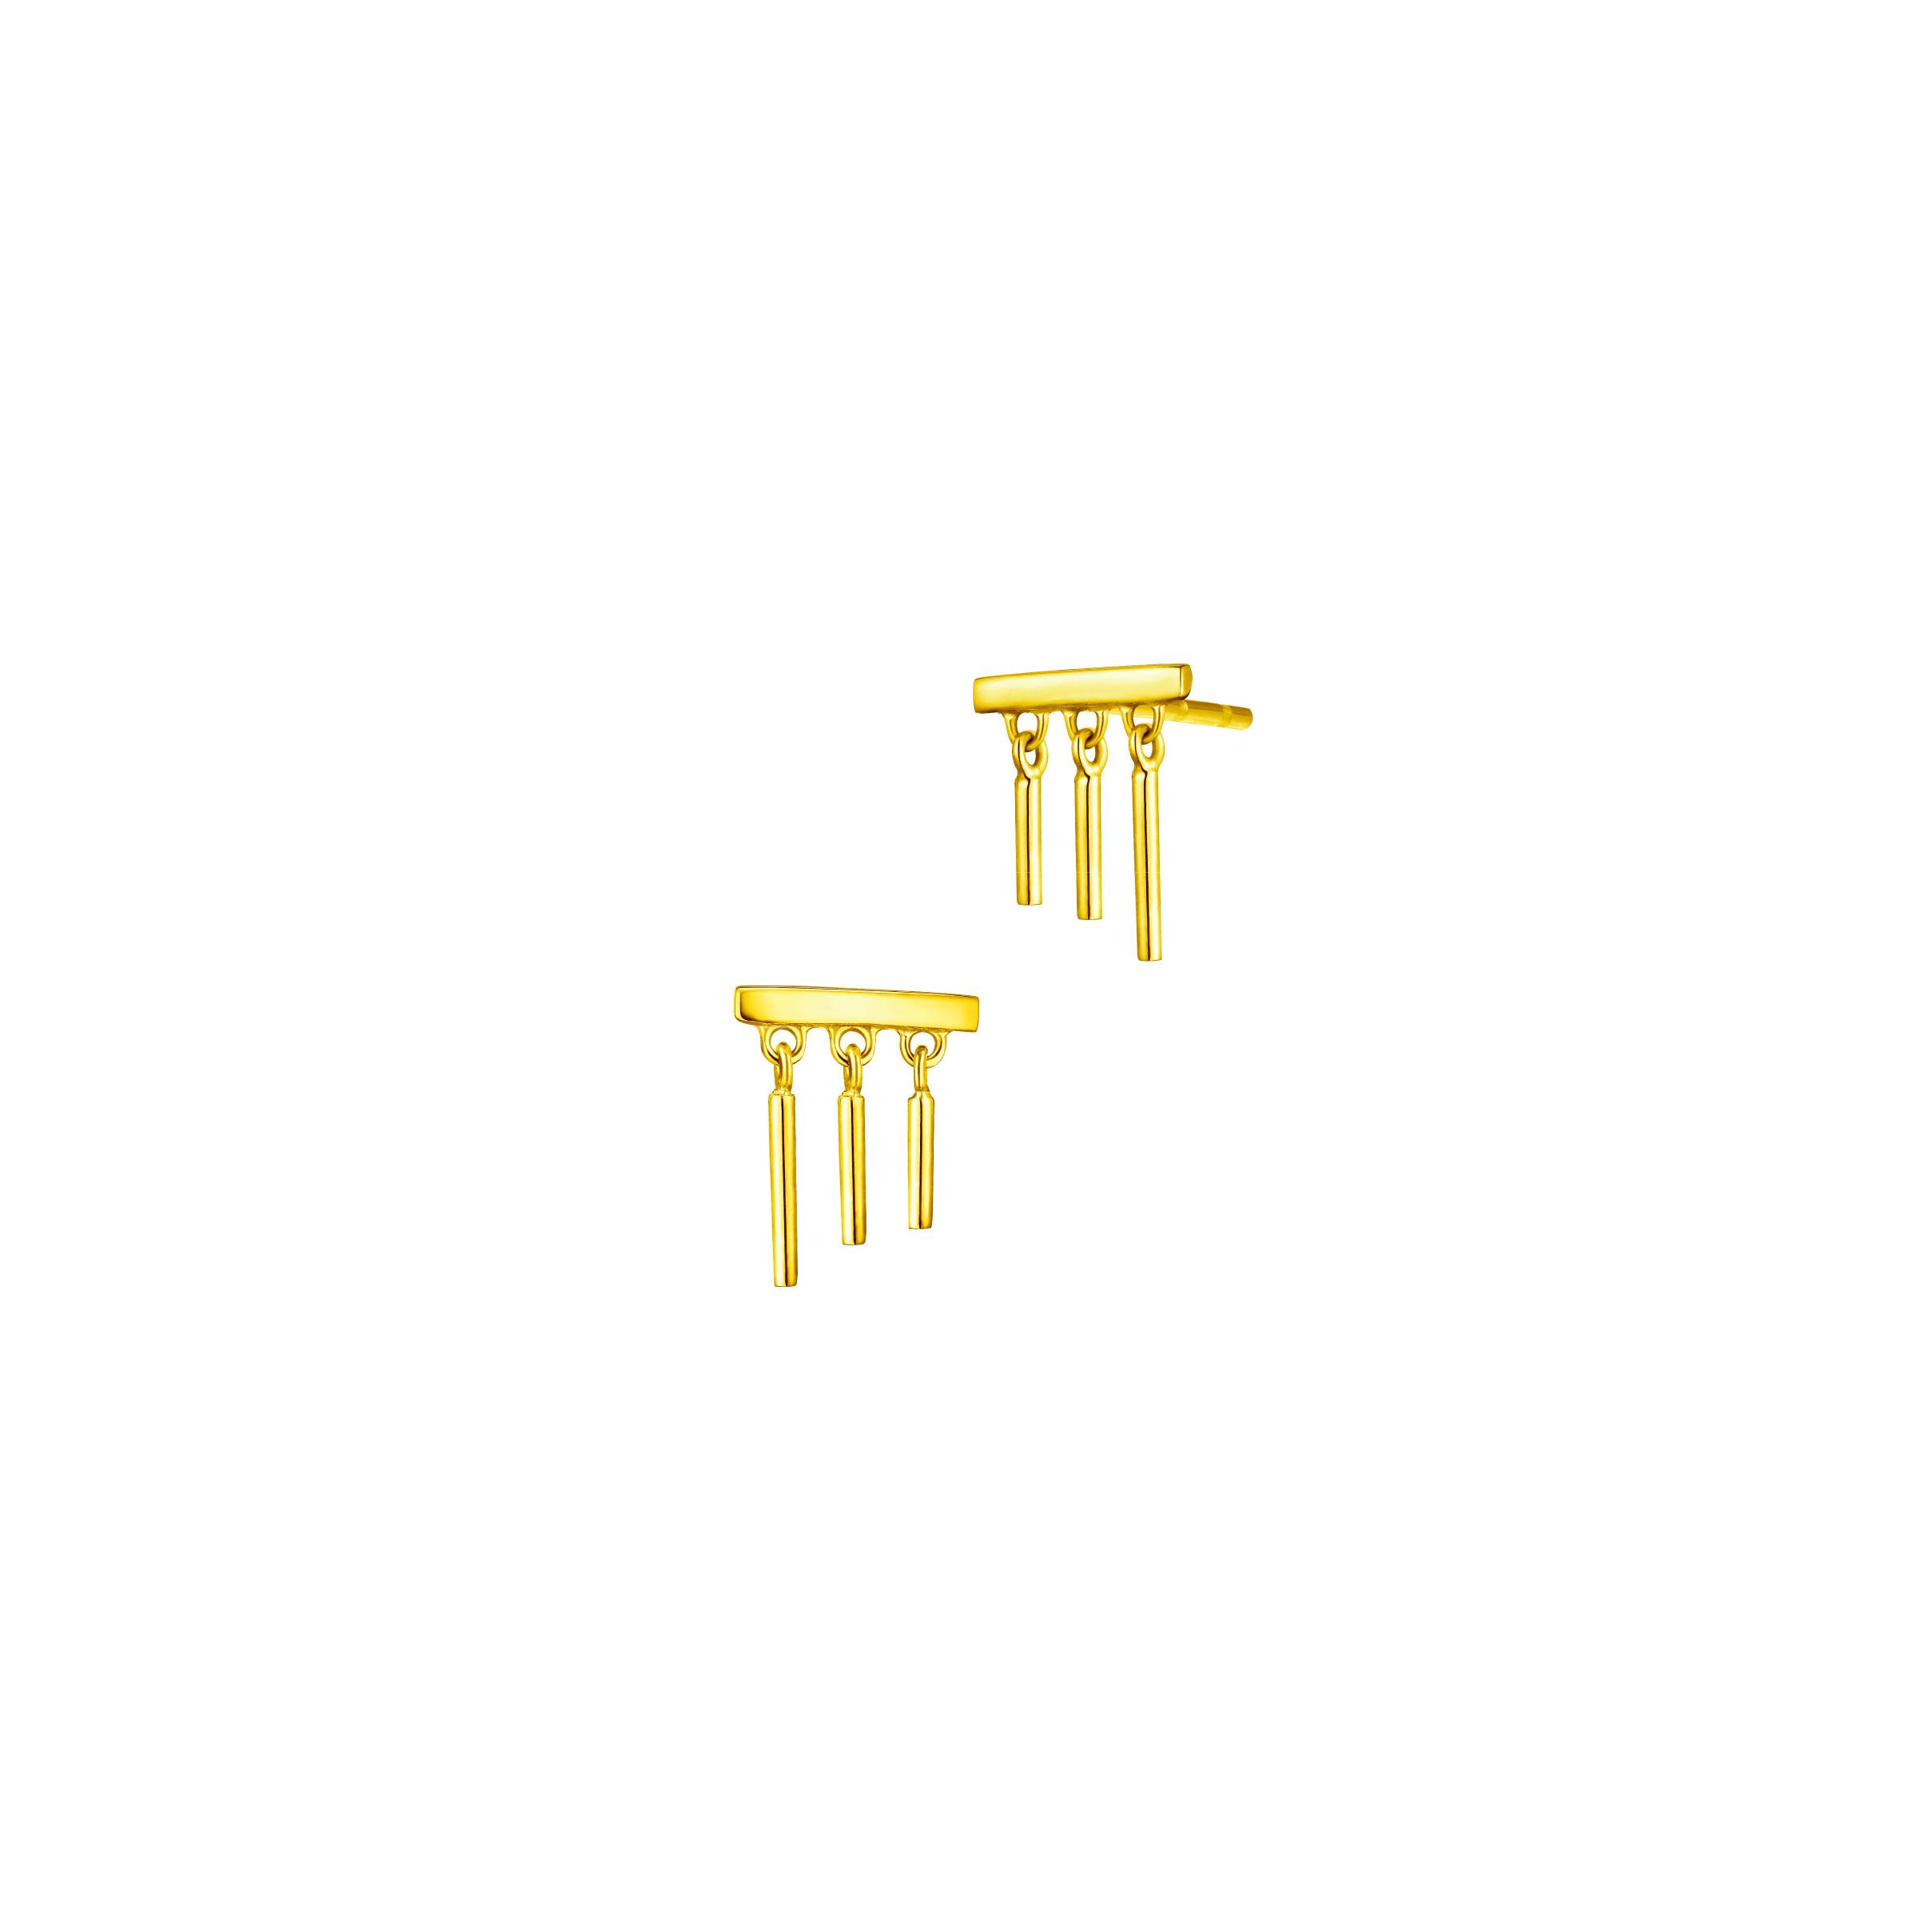 Goldstyle Wind Chimes Earrings